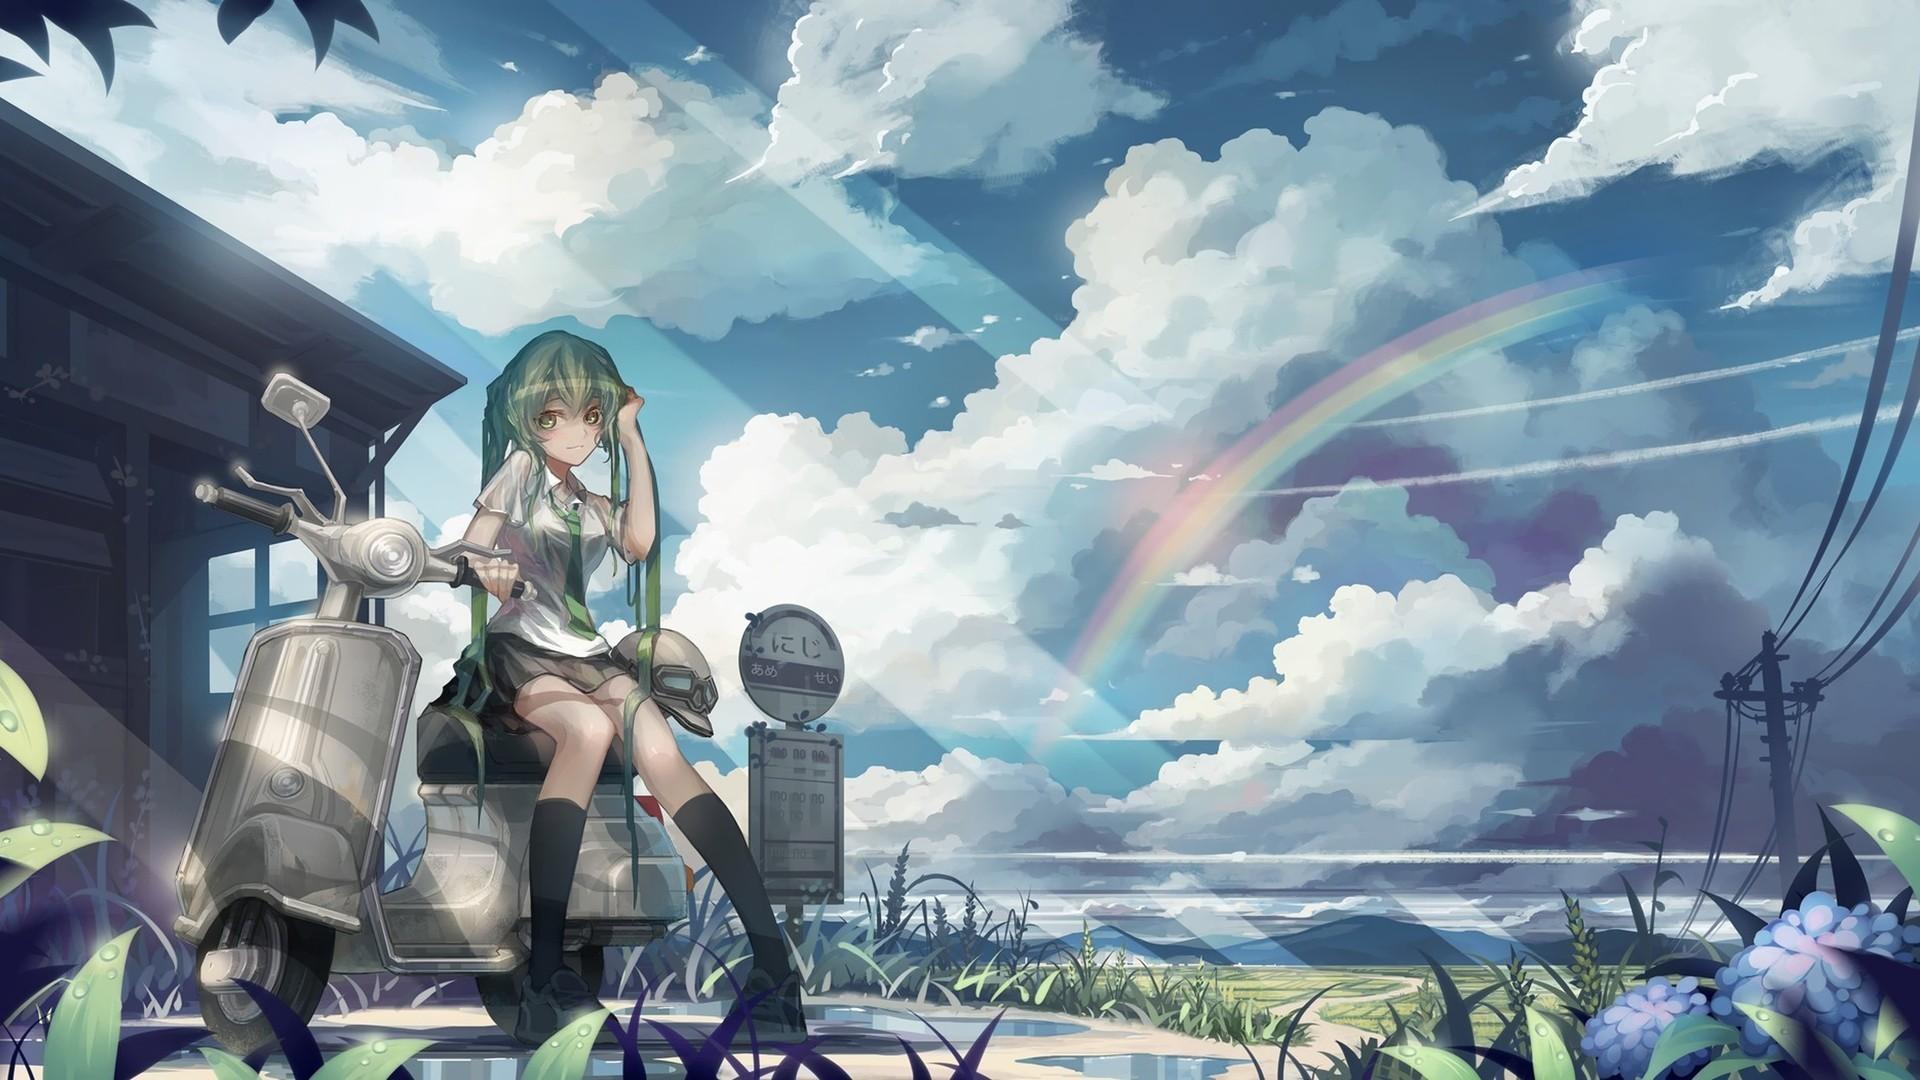 デスクトップ壁紙 風景 アニメの女の子 空 オートバイ 雲 太陽